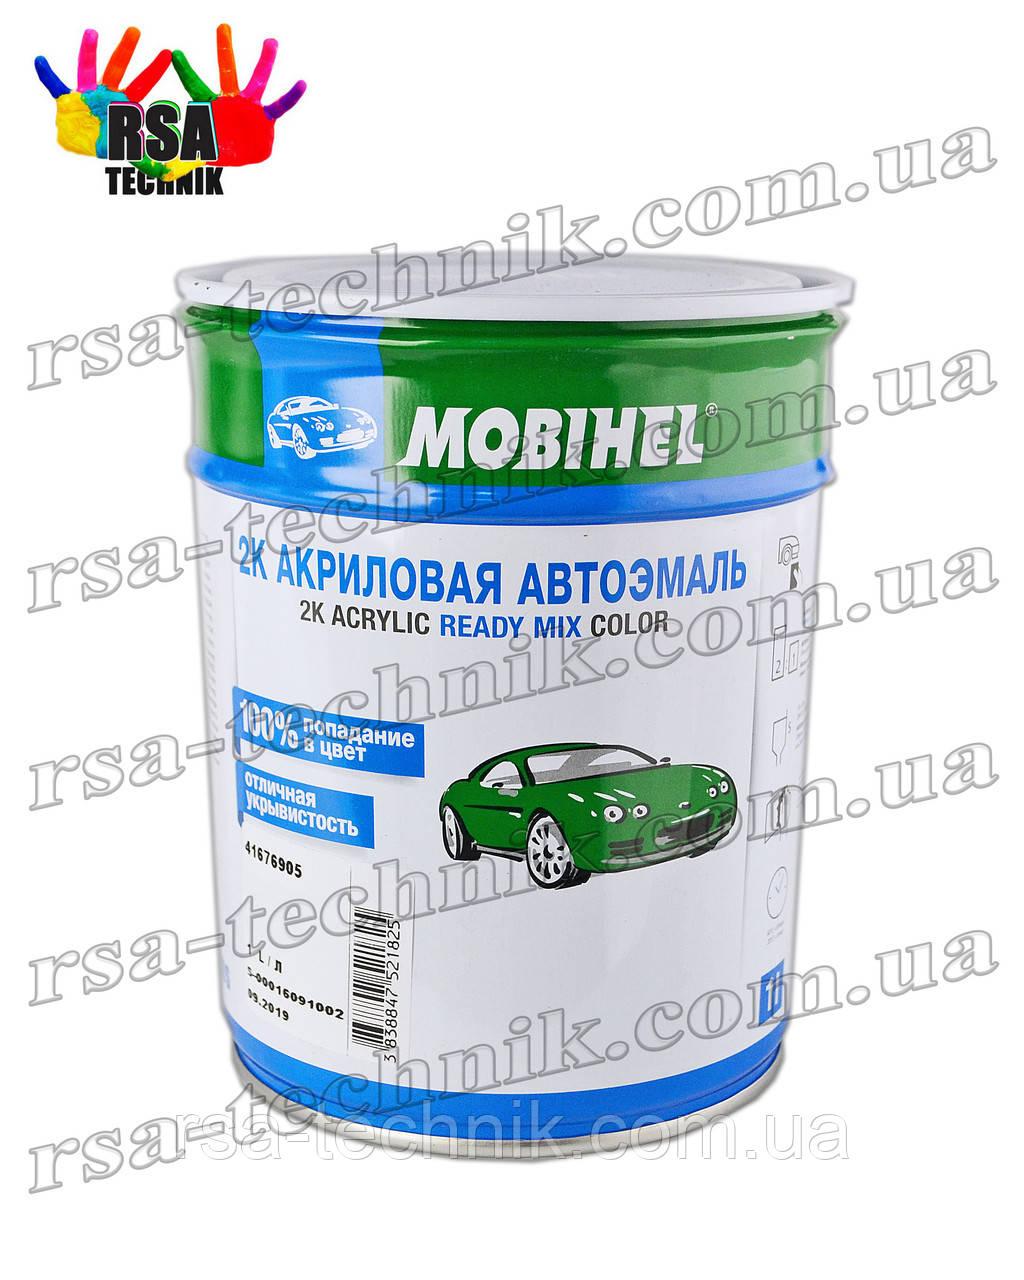 Акрилова емаль mobihel 1л VW LY5D Azurit Blau